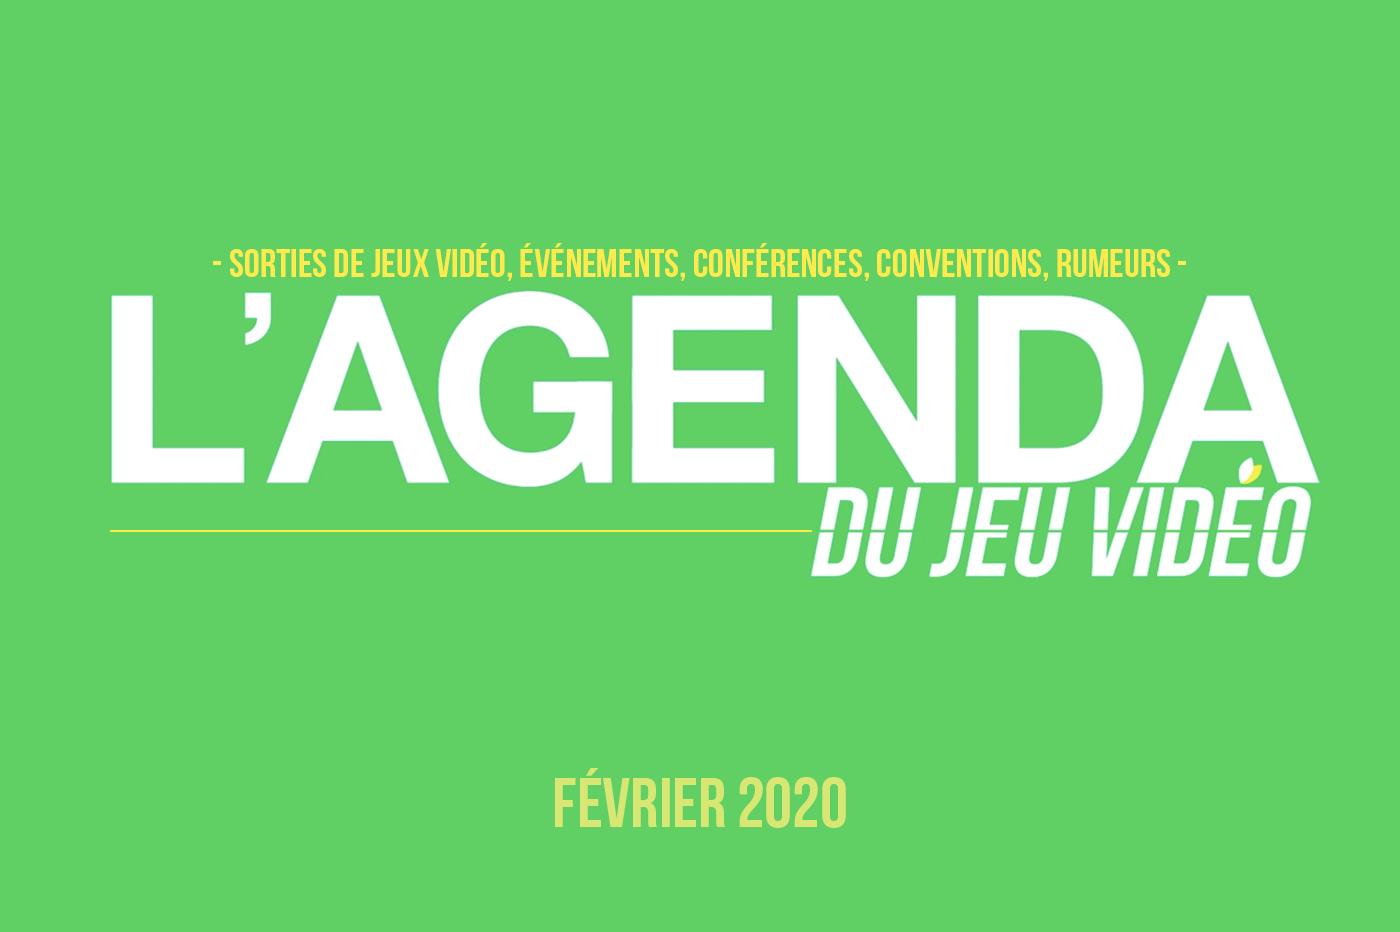 Agenda Jeux Vidéo Février 2020